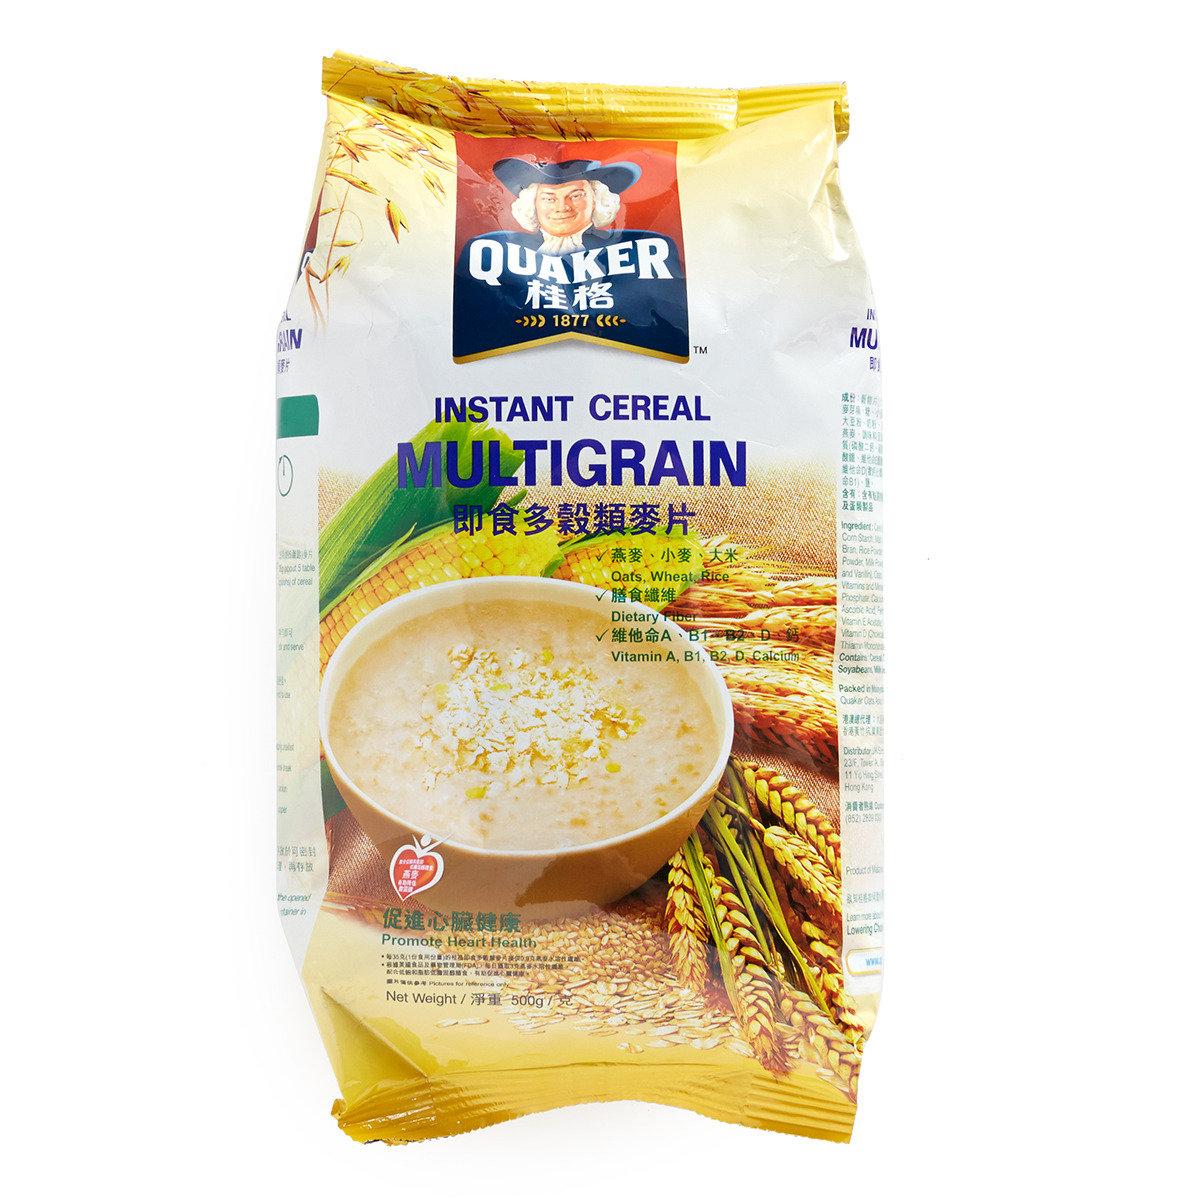 即食多穀類麥片